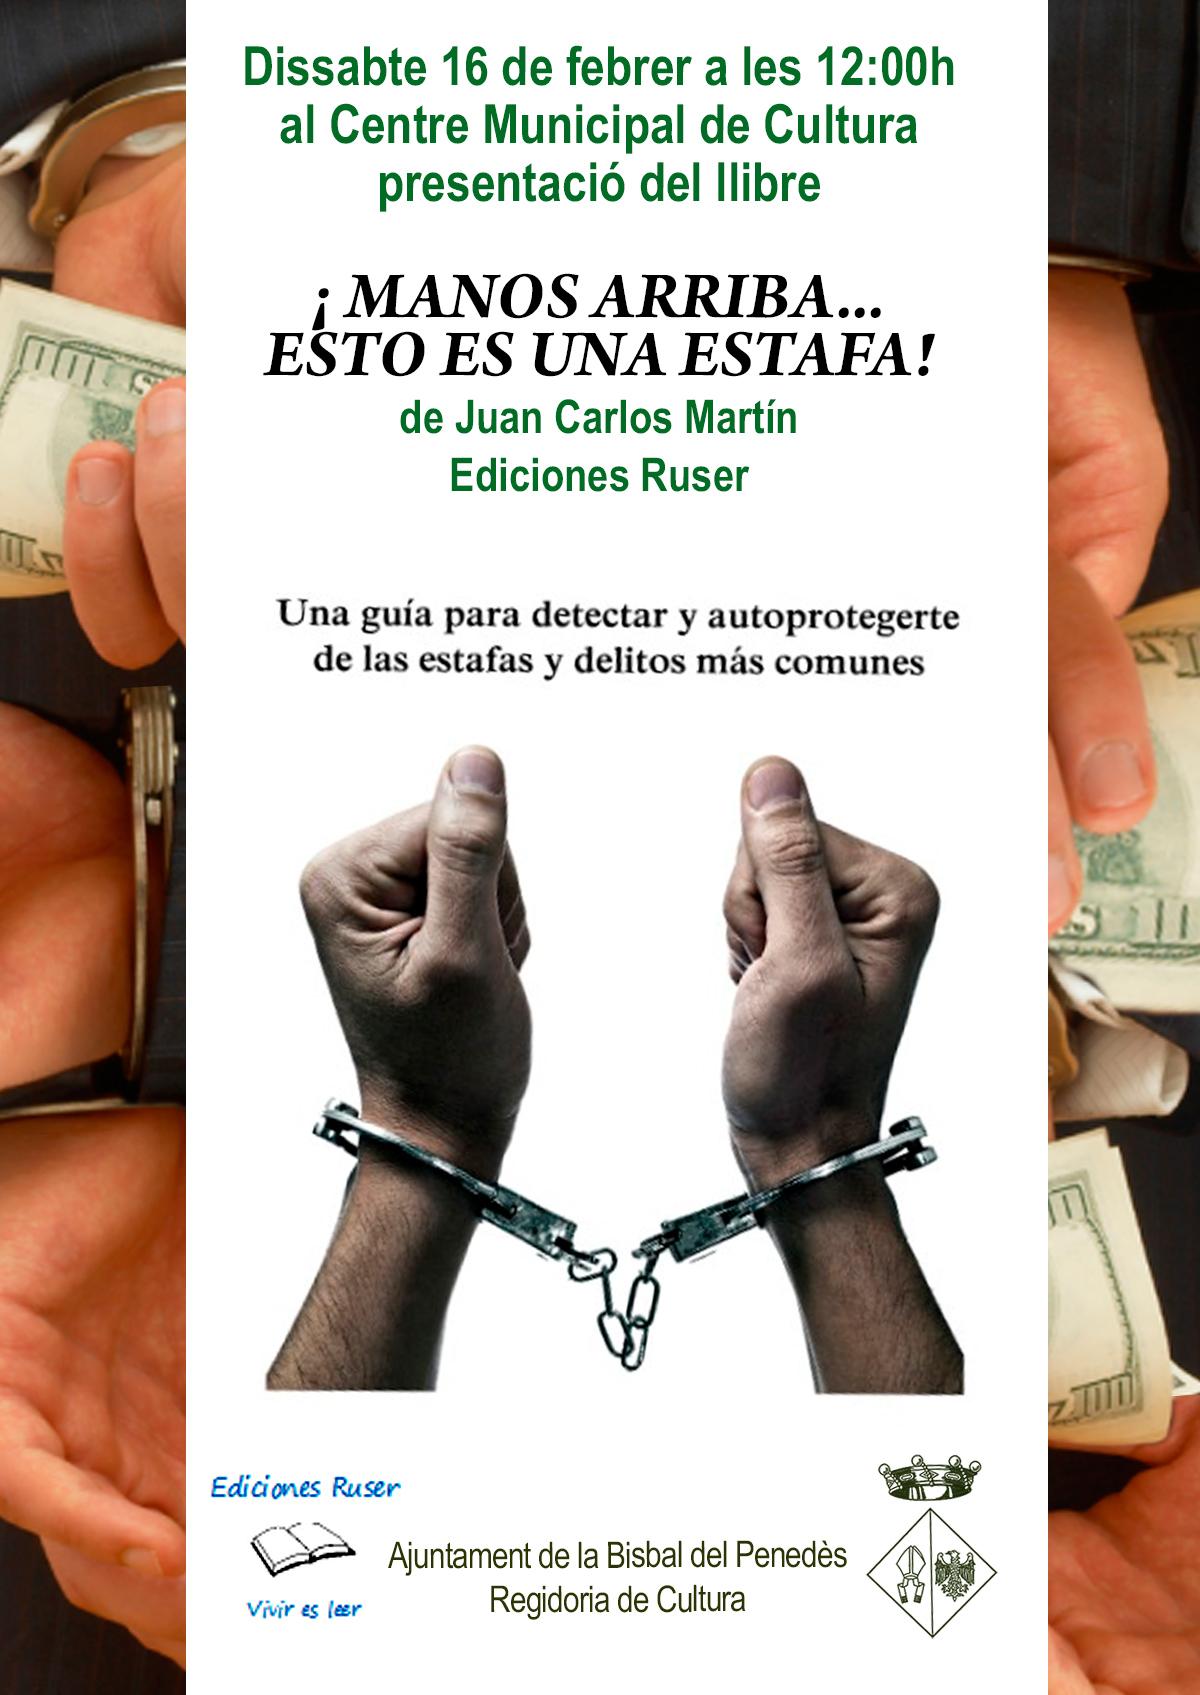 Aquest dissabte 16 de febrer a les 12h es presenta el llibre ¡Manos arriba… Esto es una estafa!